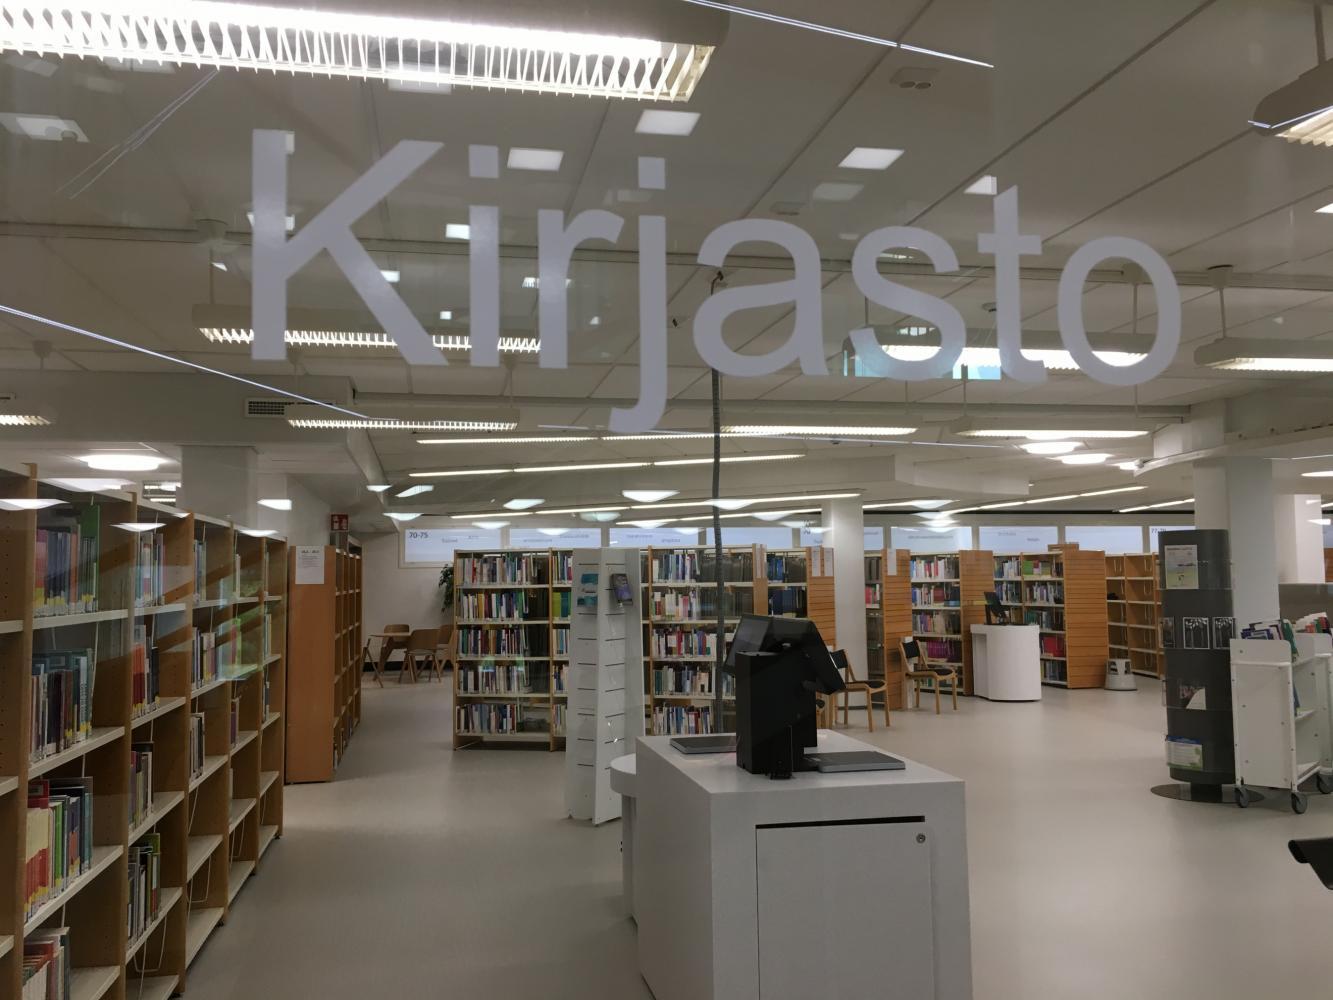 Seinäjoen ammattikorkeakoulun kirjasto